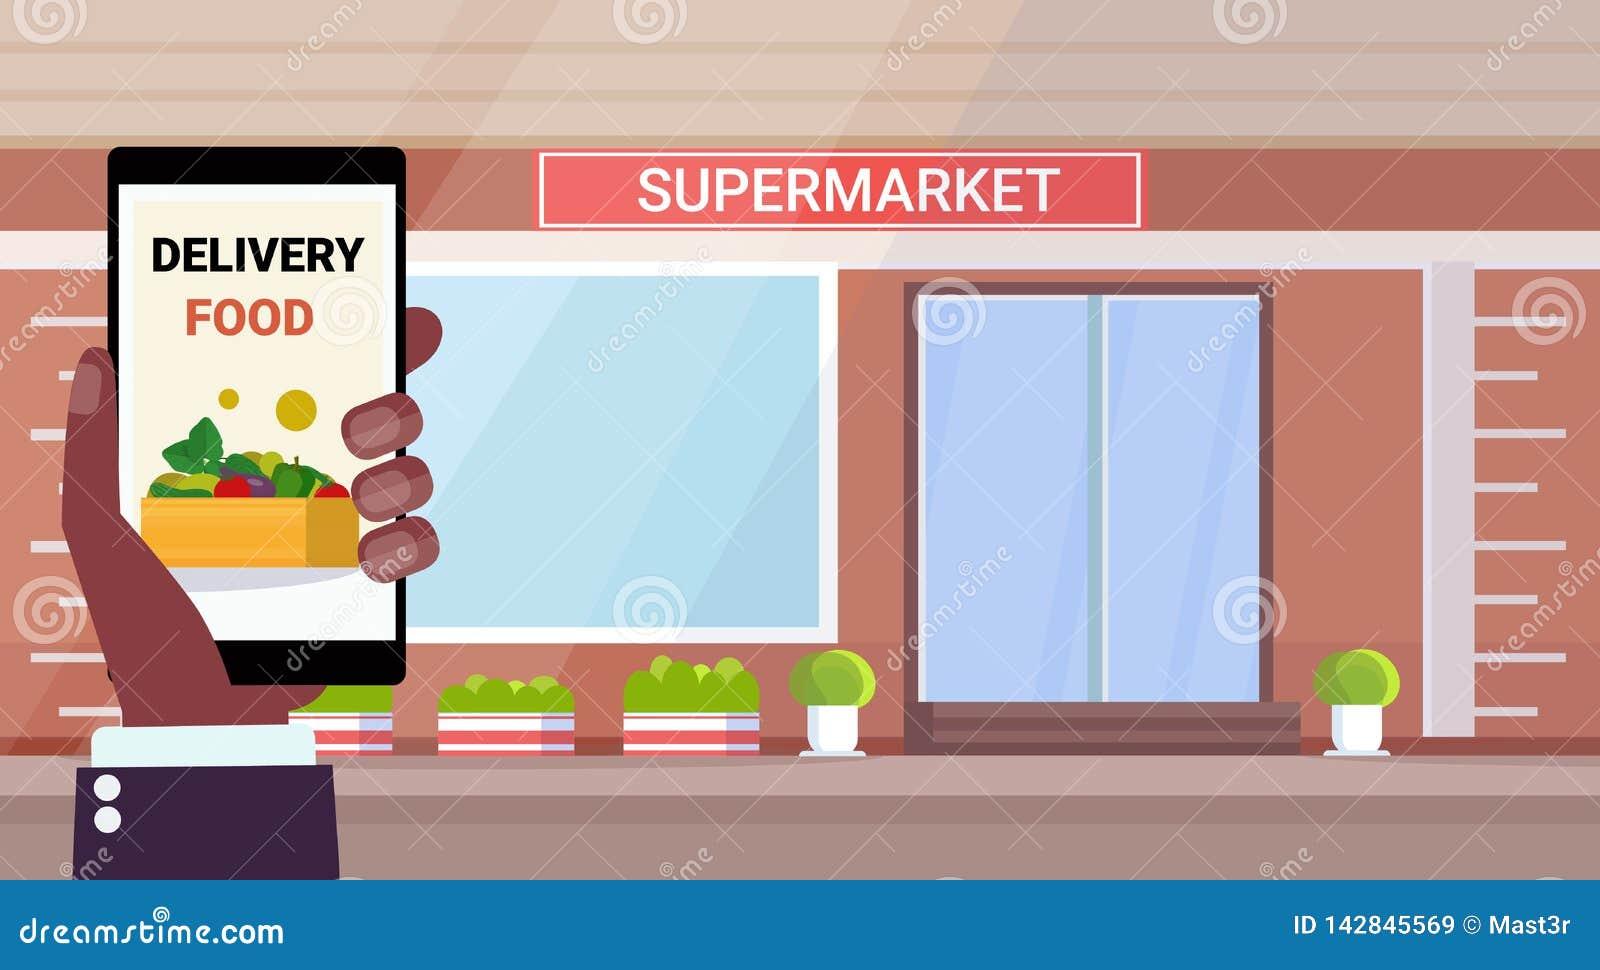 网上流动水平应用食物交付概念现代杂货店超级市场的外部